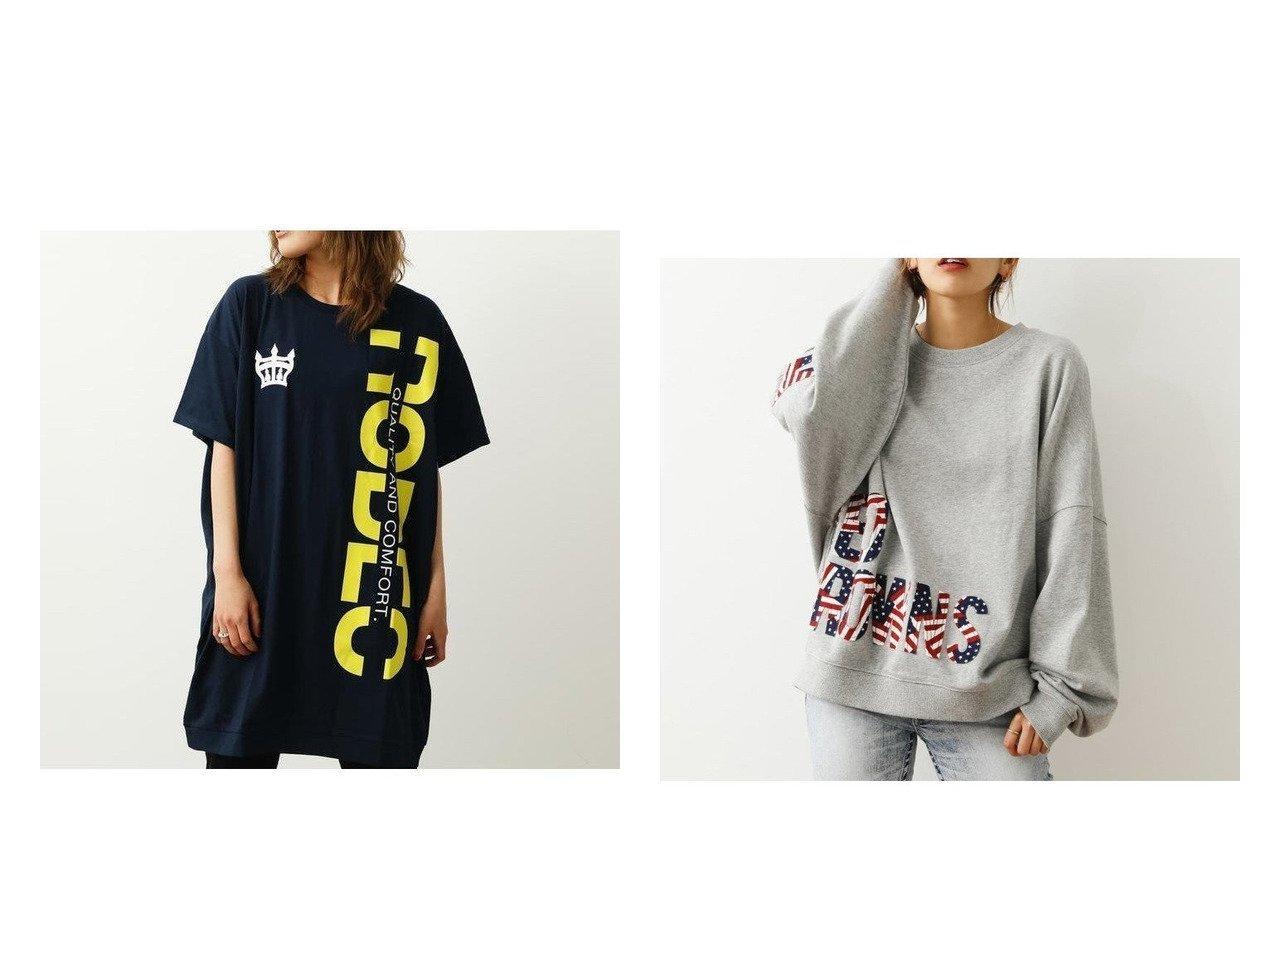 【RODEO CROWNS WIDE BOWL/ロデオクラウンズワイドボウル】のロゴカットワンピース&インサイドアウトロゴスウェット RODEO CROWNS WIDE BOWLのおすすめ!人気、トレンド・レディースファッションの通販  おすすめで人気の流行・トレンド、ファッションの通販商品 メンズファッション・キッズファッション・インテリア・家具・レディースファッション・服の通販 founy(ファニー) https://founy.com/ ファッション Fashion レディースファッション WOMEN ワンピース Dress トップス Tops Tshirt シャツ/ブラウス Shirts Blouses パーカ Sweats スウェット Sweat チュニック 再入荷 Restock/Back in Stock/Re Arrival パッチ 長袖  ID:crp329100000019315